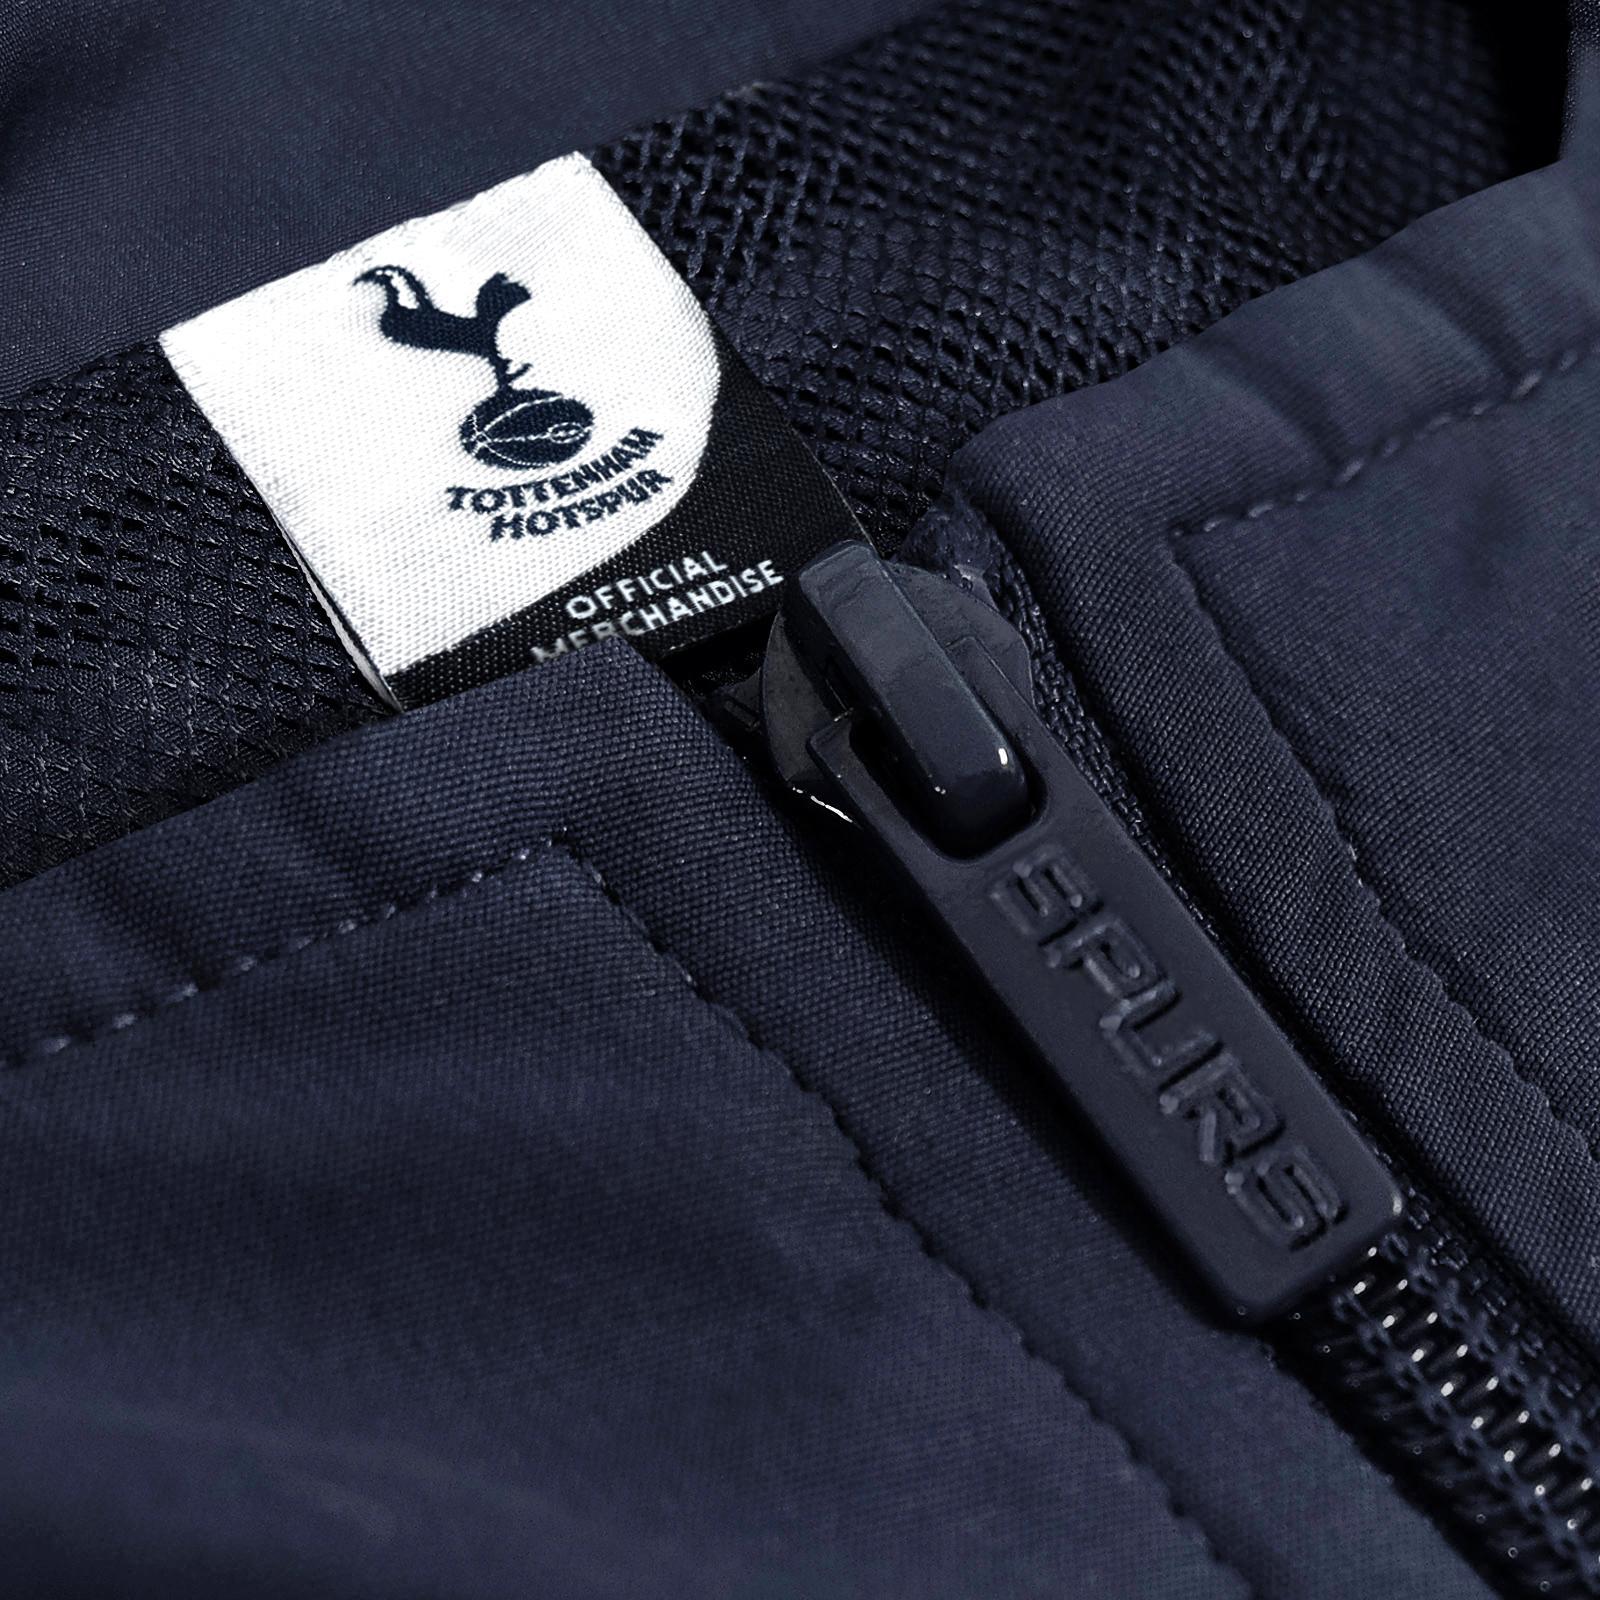 a5cfbef000186 Tottenham Hotspur FC - Chándal oficial para niño - Chaqueta y ...